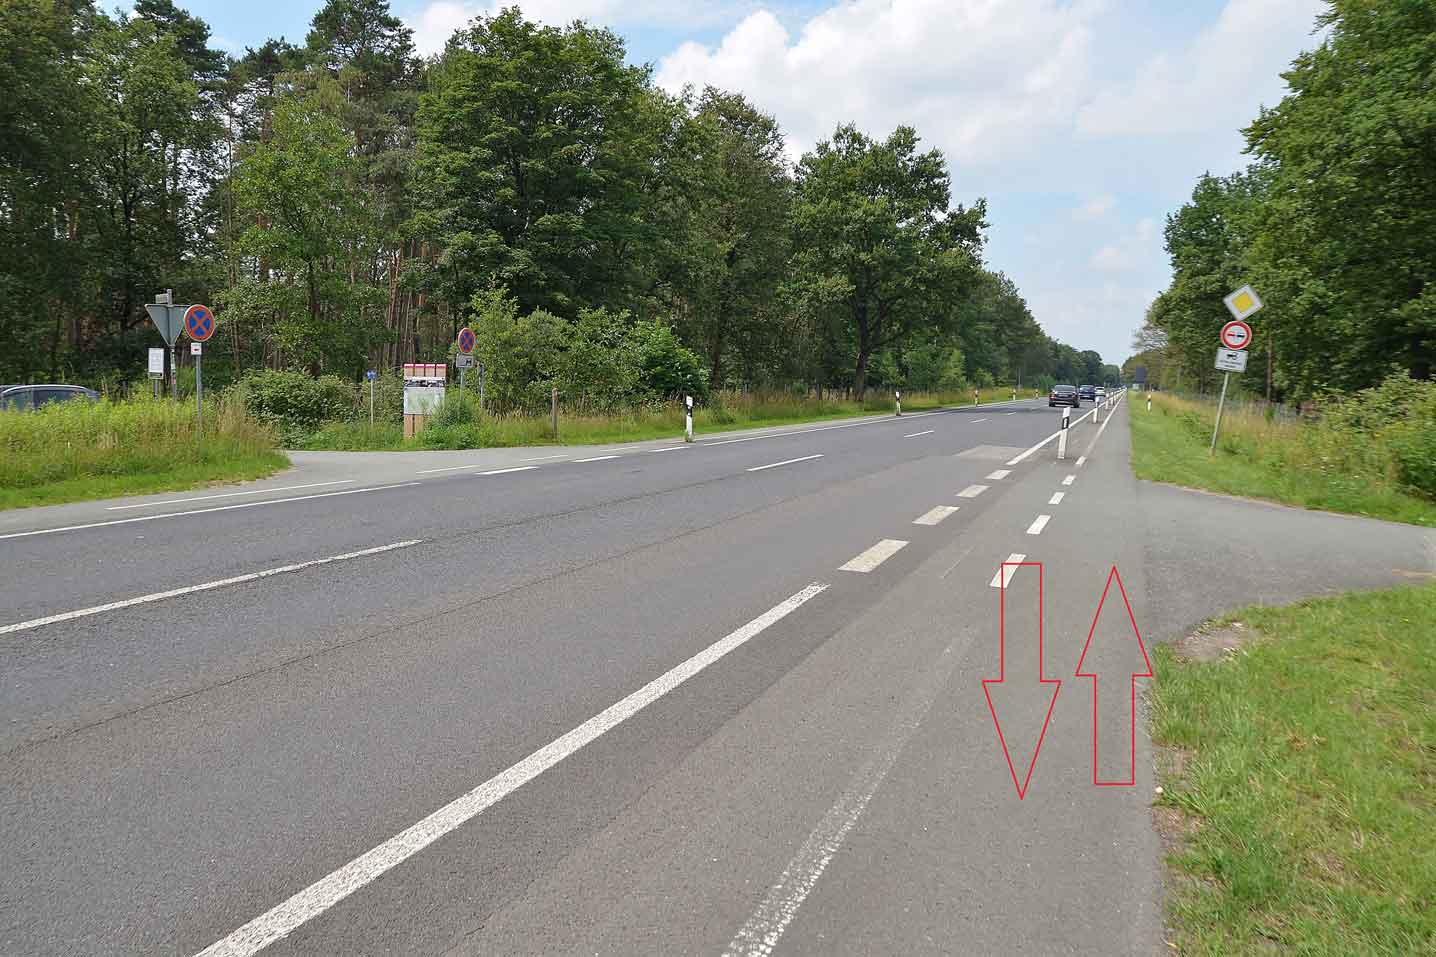 Querung-Üfter-Mark-Rhader-Weg-B224